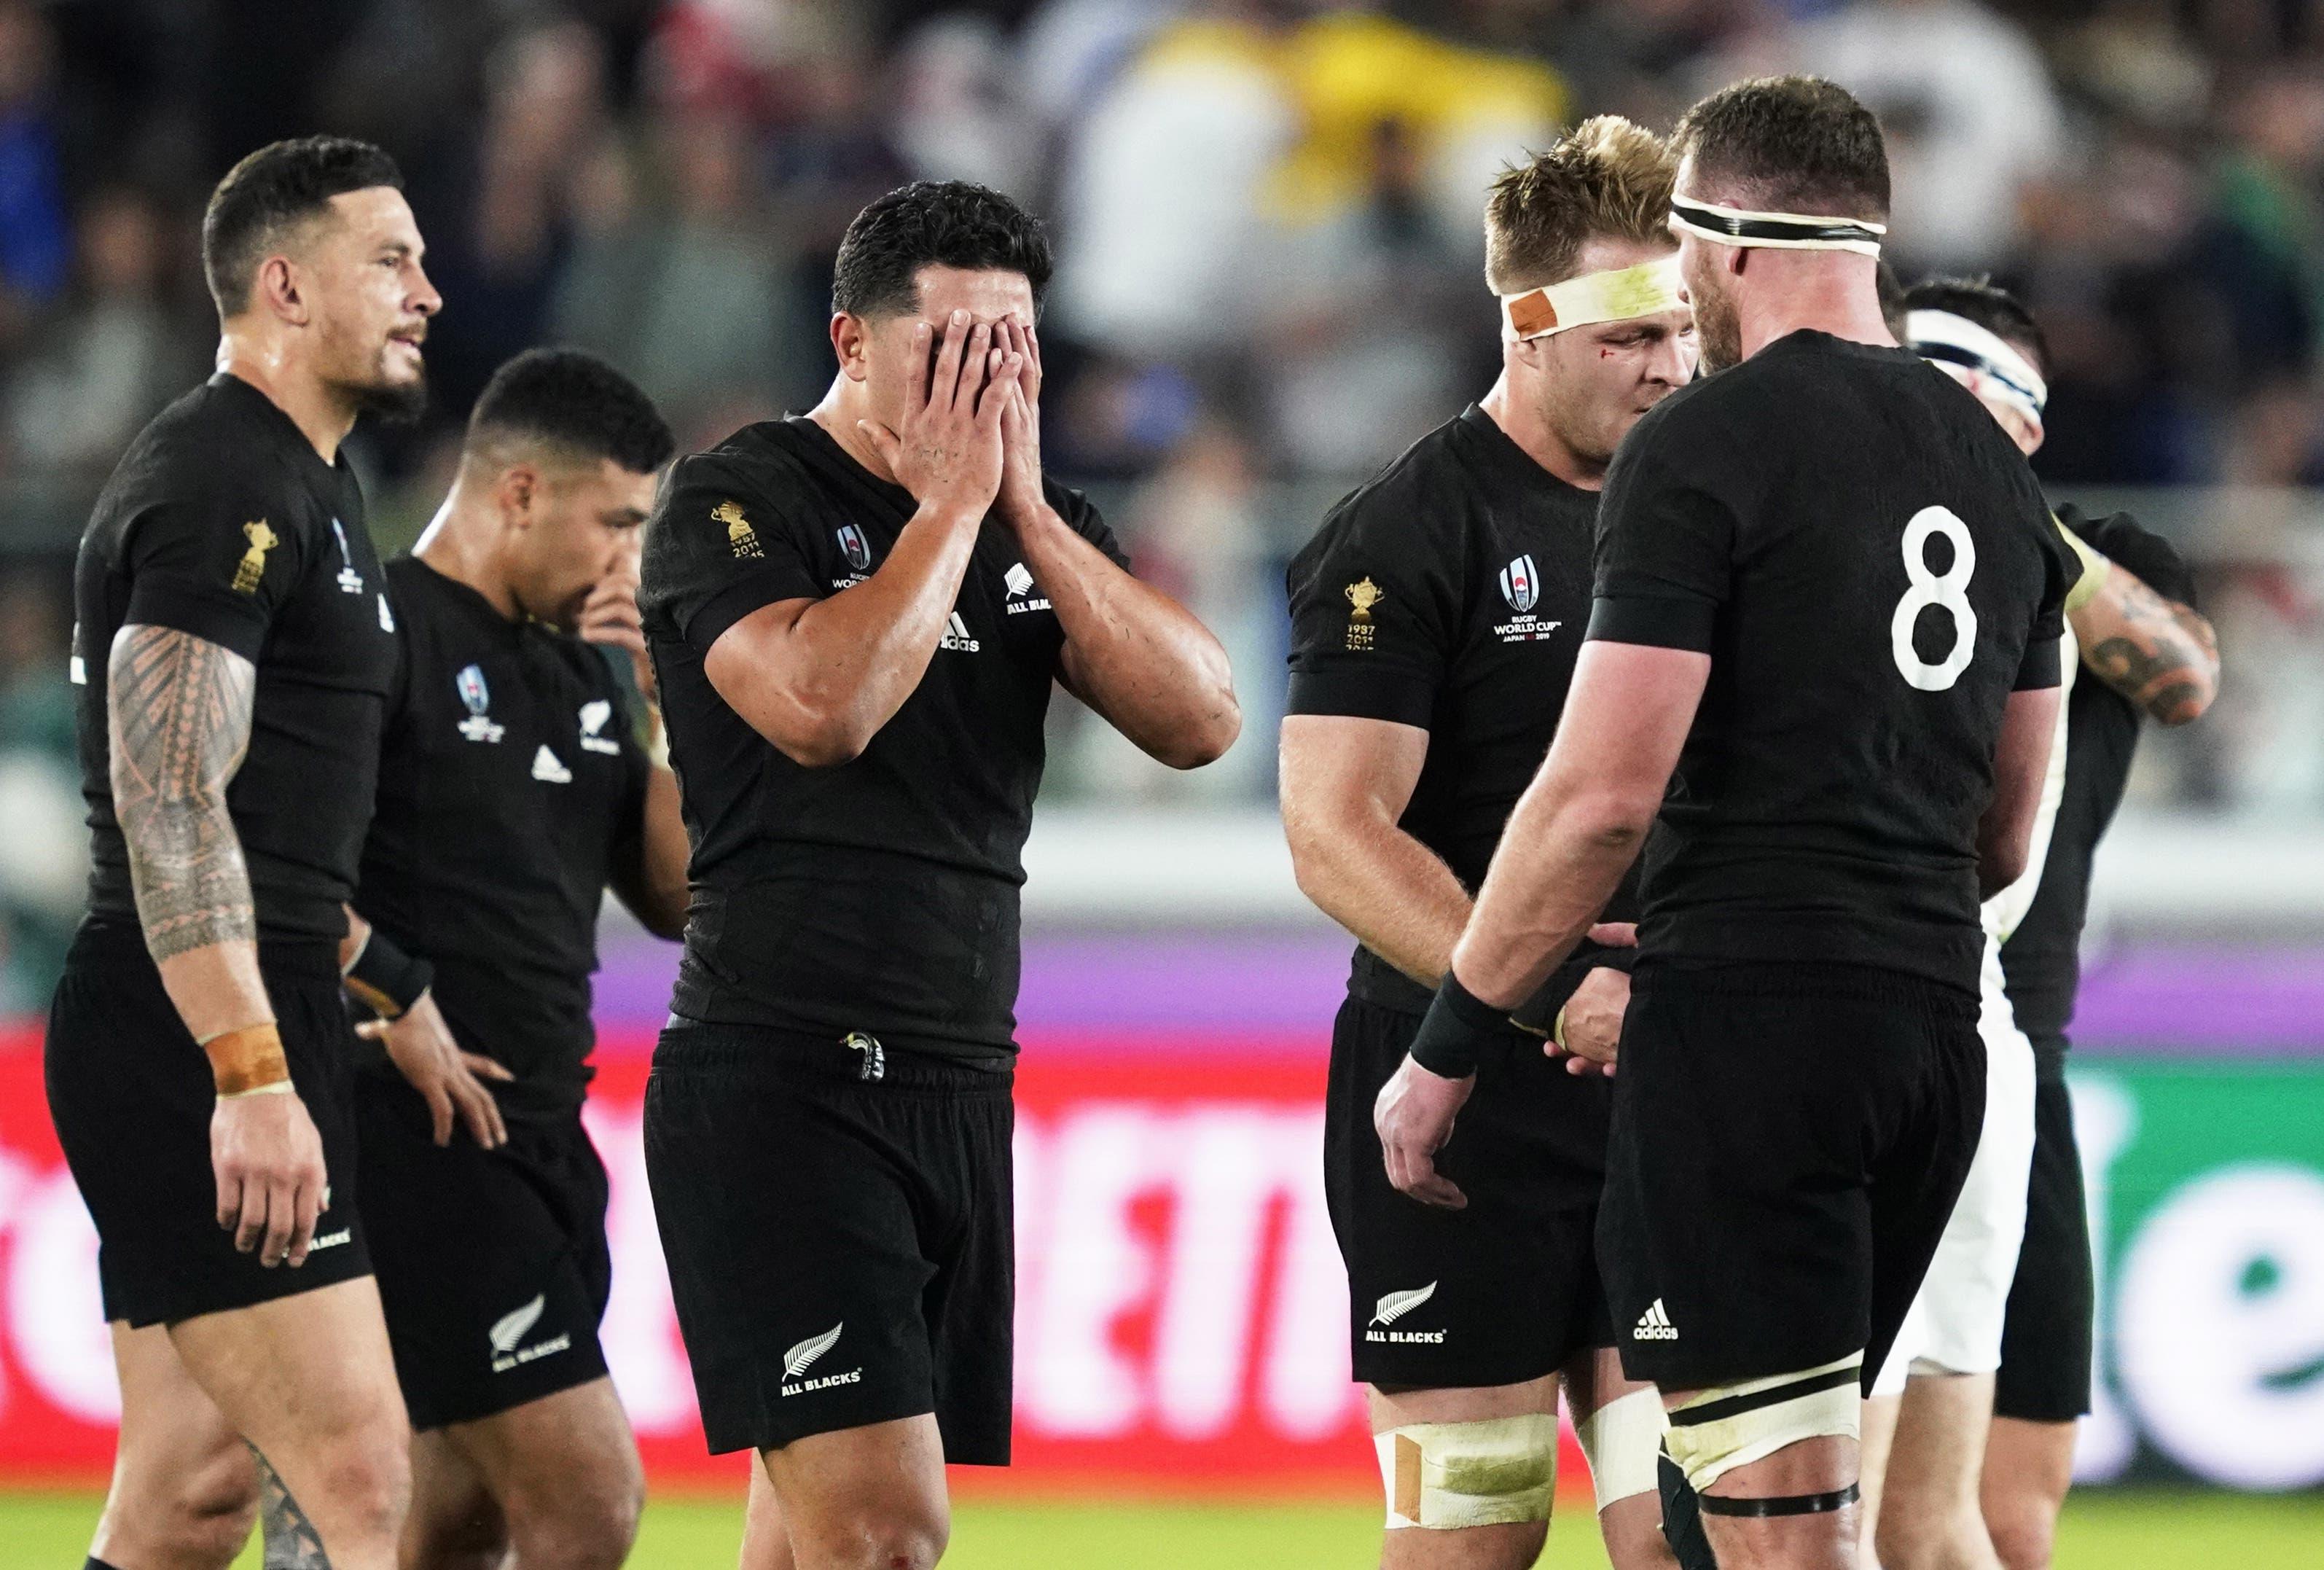 Neuseelands Zeit ist zu Ende: Wenigstens der Abschied war versöhnlich: 40:17 gewannen die «All Blacks» gegen Wales das Spiel um Platz drei. Doch das wird kaum über die Enttäuschung der Halbfinalniederlage hinwegtrösten. Eine Ära von zwölf Jahren ohne Niederlage endet. (Bild: EPA/FRANCK ROBICHON)